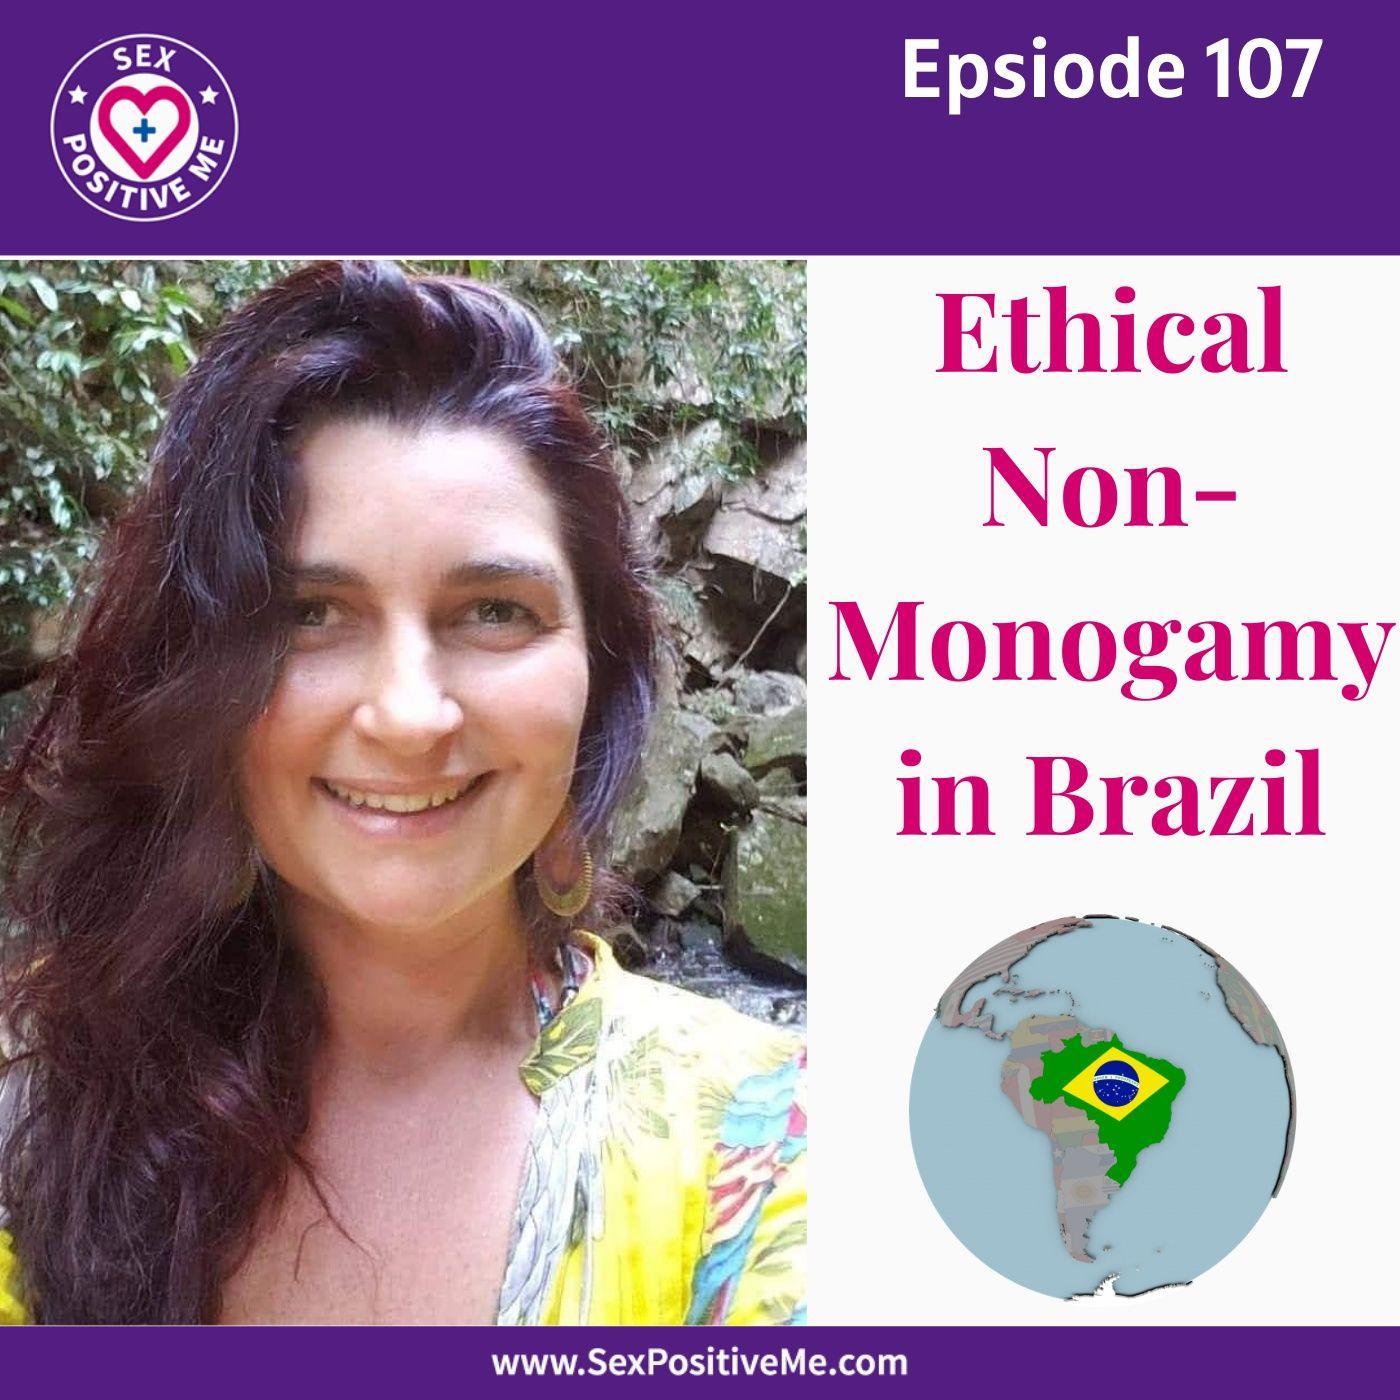 Sex Positive Me - E107: Ethical Non-Monogamy in Brazil